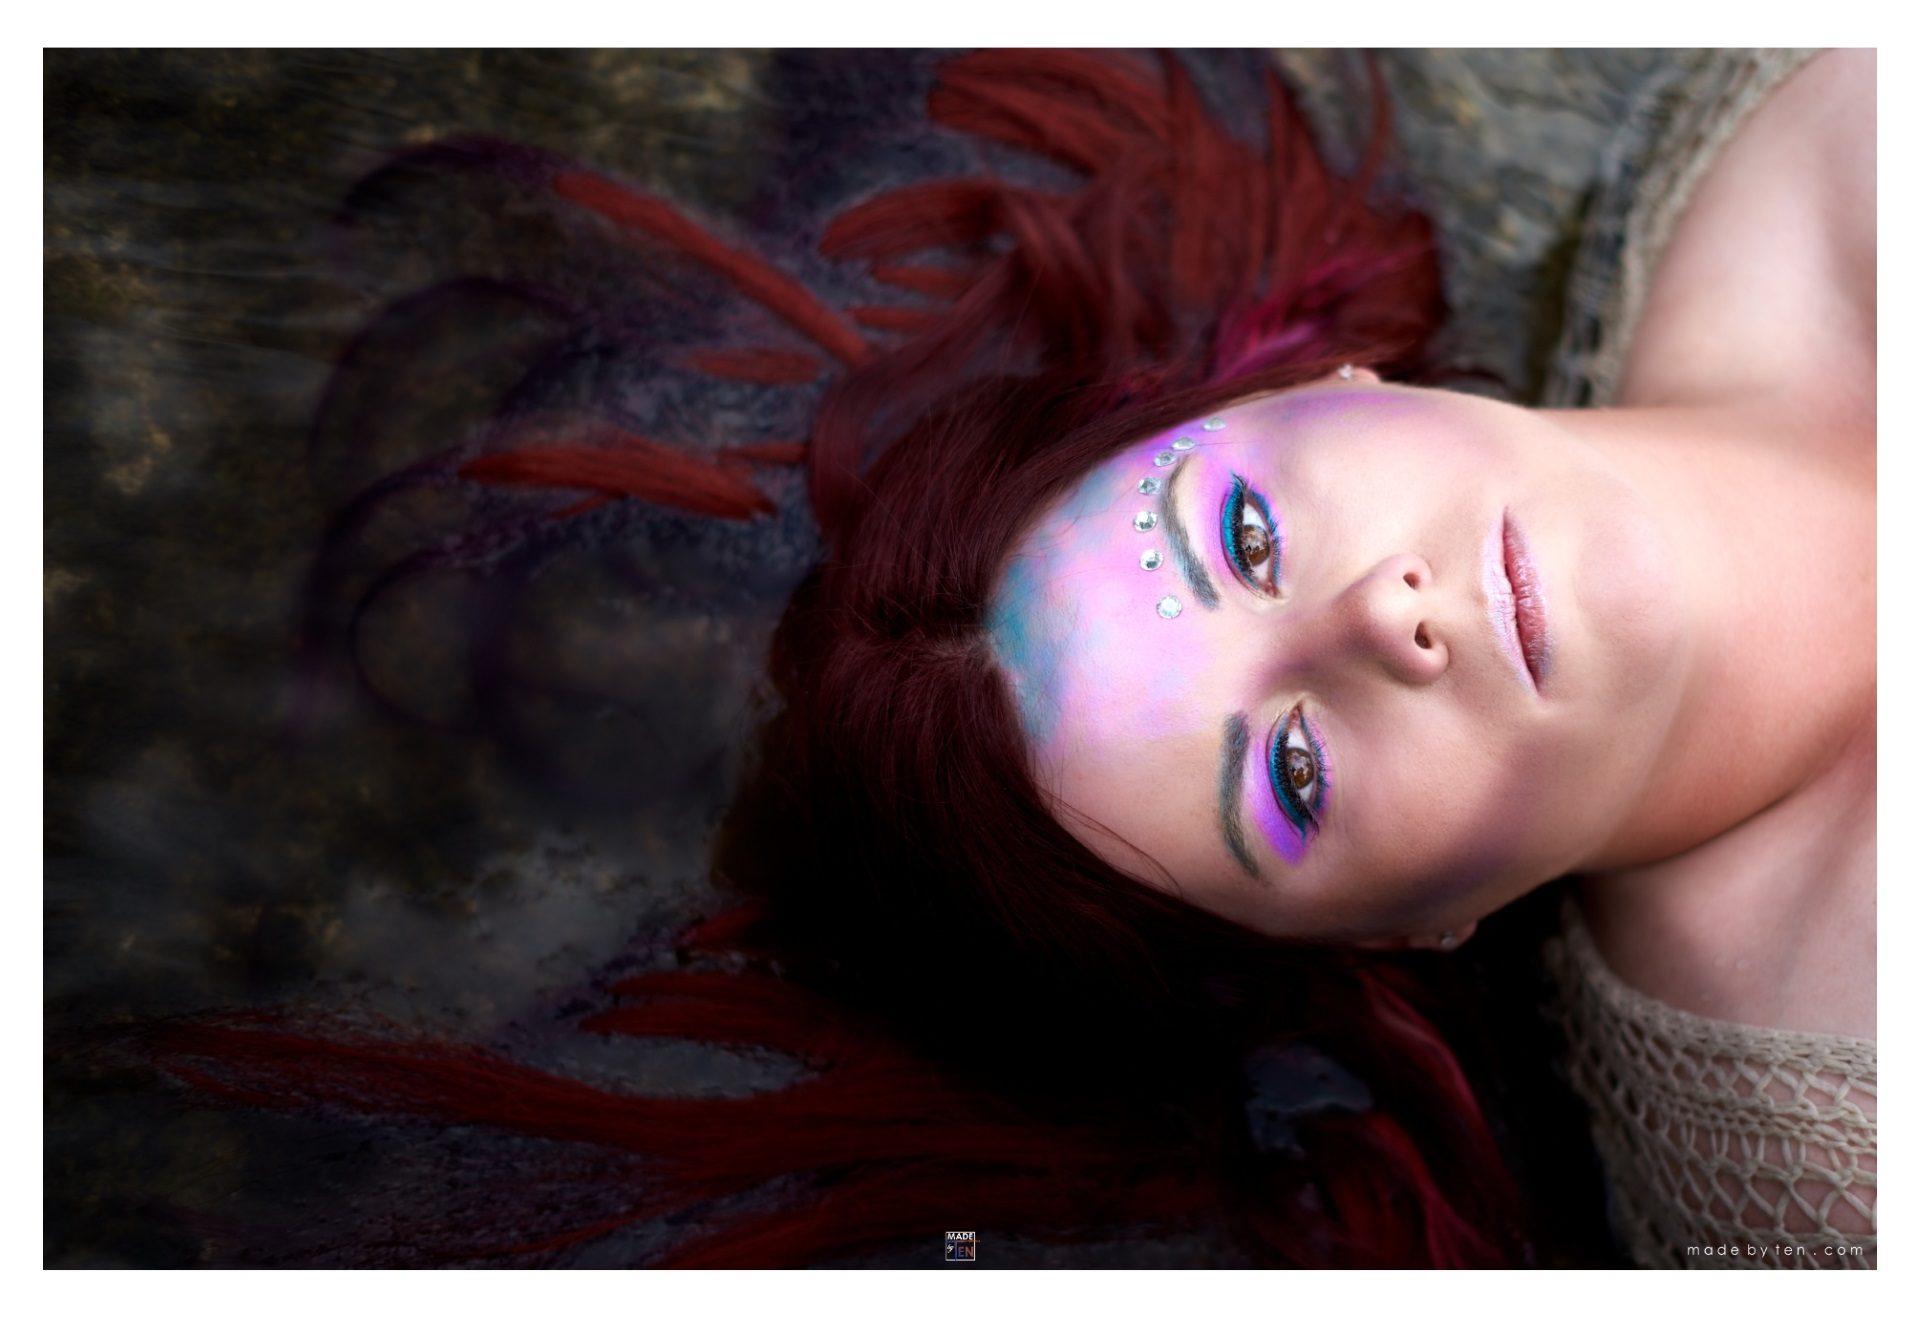 Head in Water - GTA Women Fantasy Photography